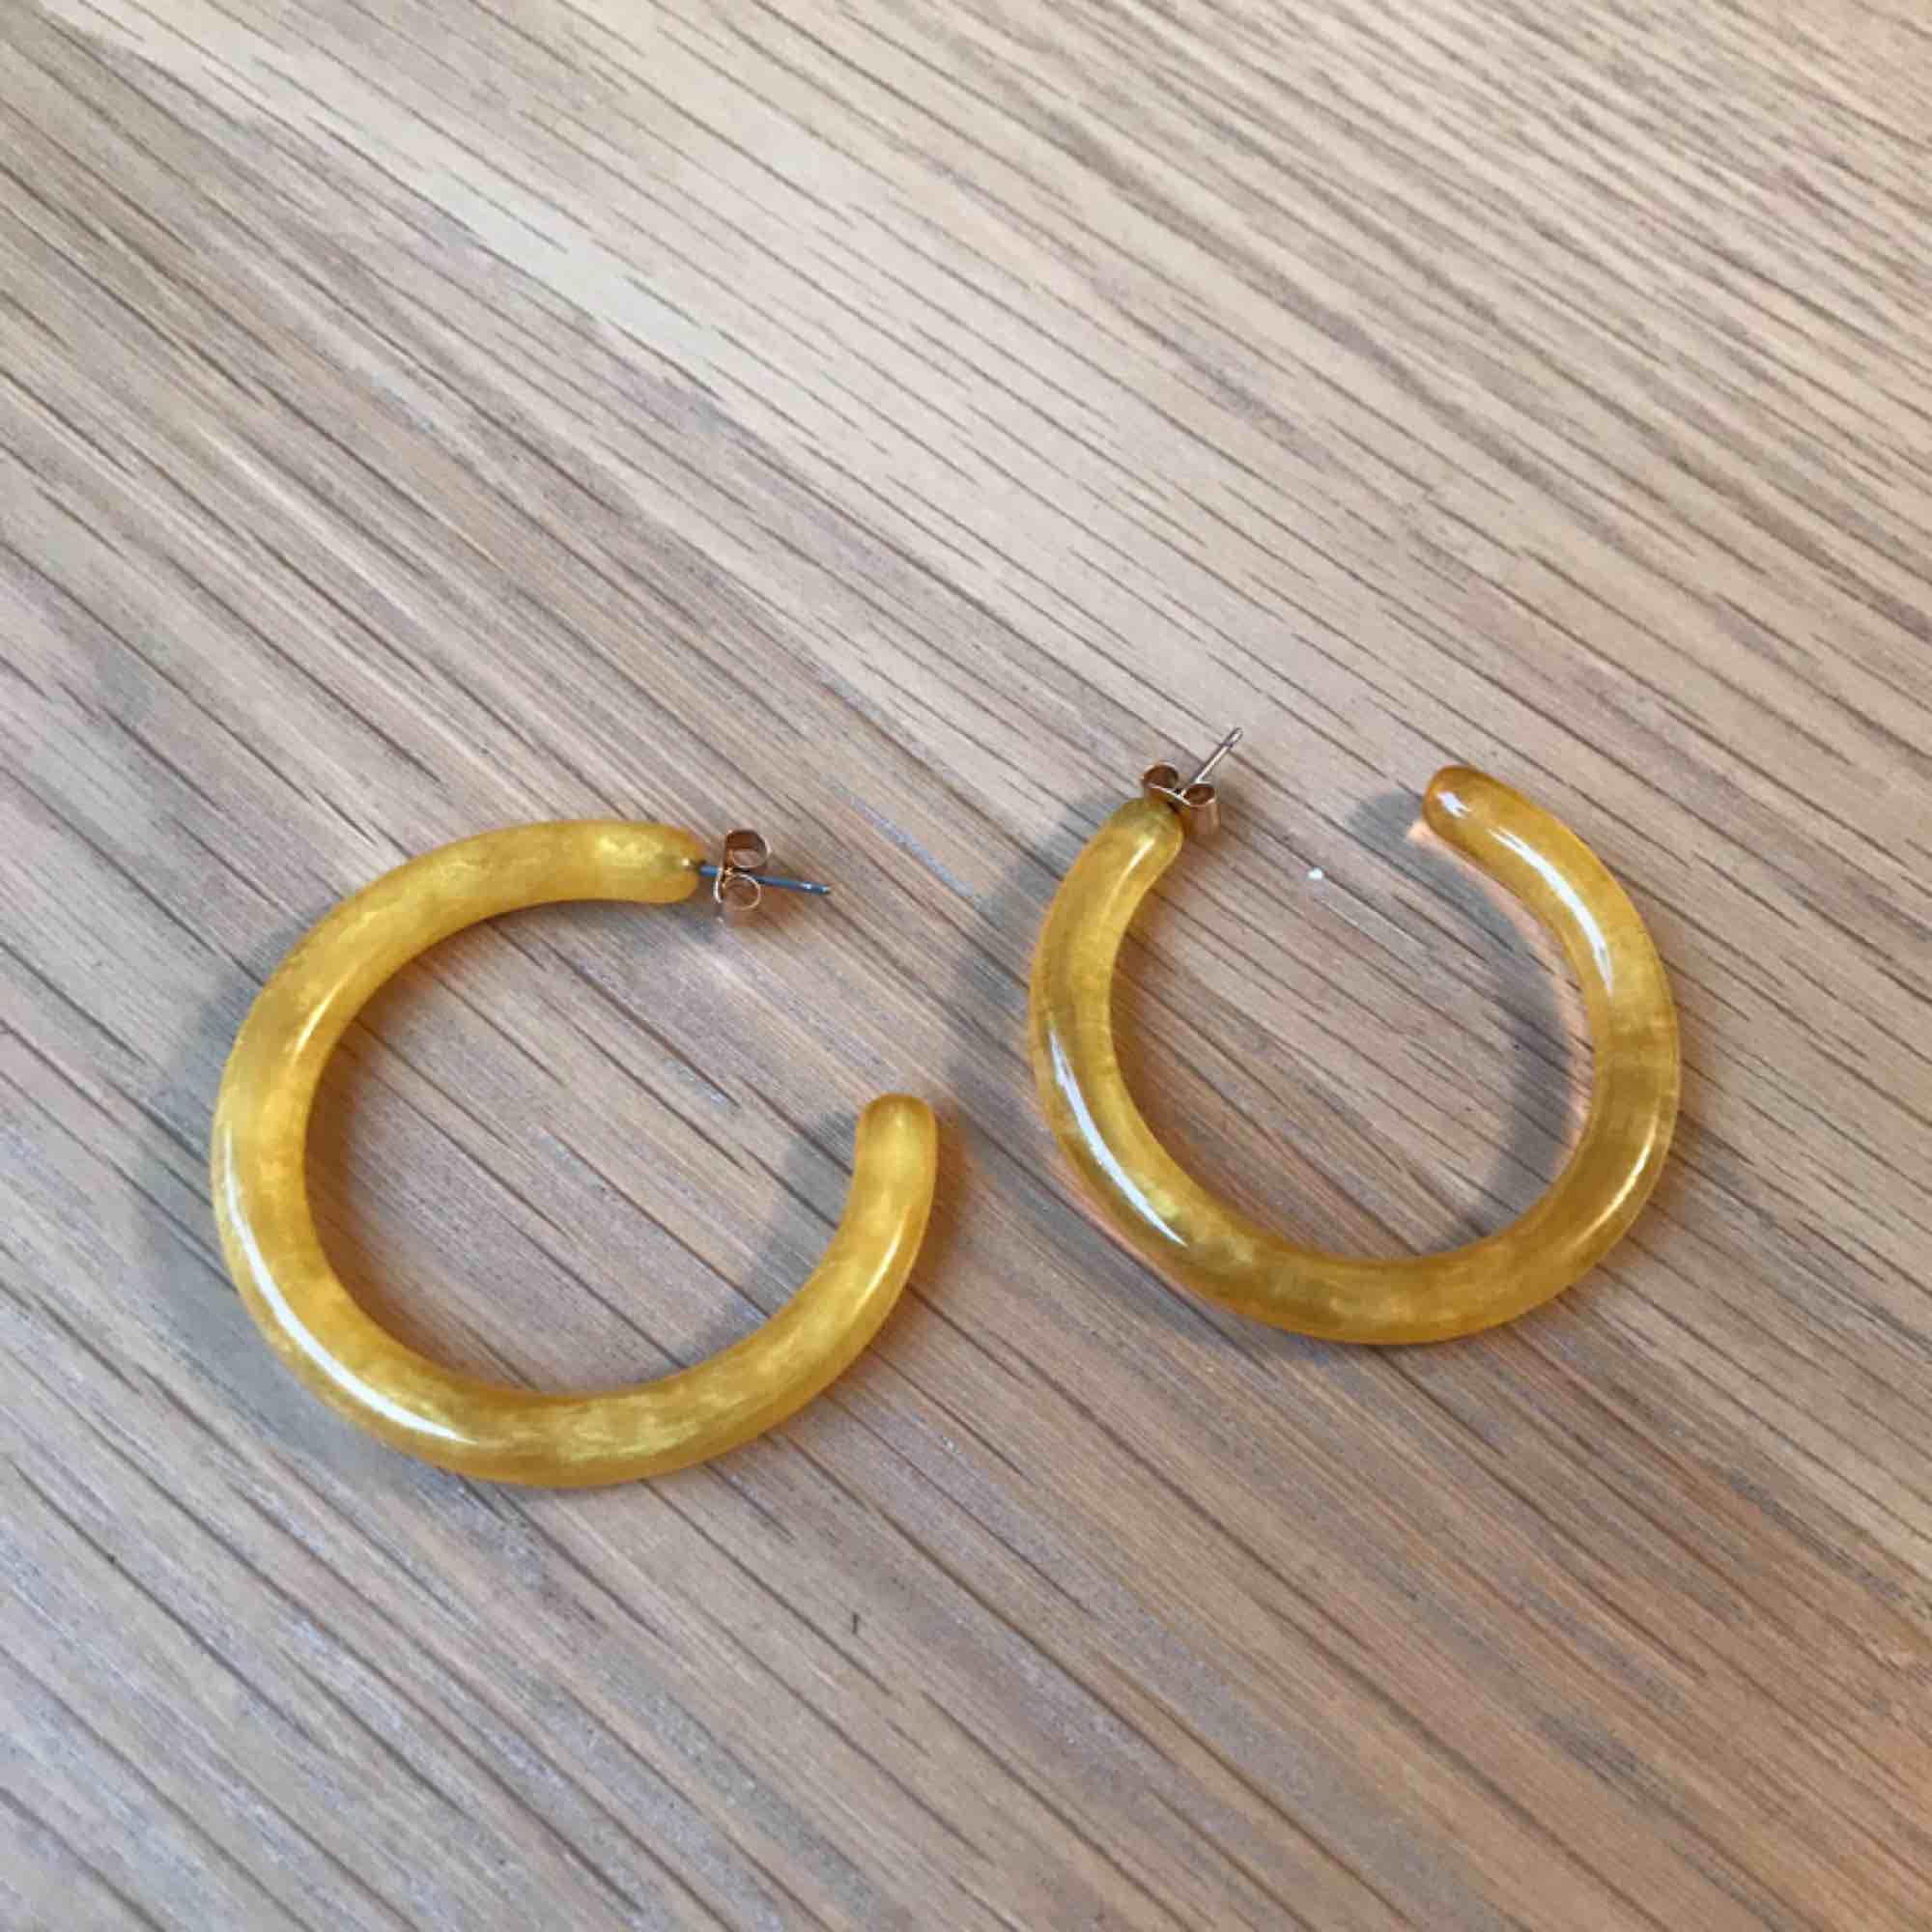 Roliga gula örhängen från H&M, använda kanske en gång max. Går att hämta på Södermalm annars tillkommer frakt på 10 kr. Accessoarer.